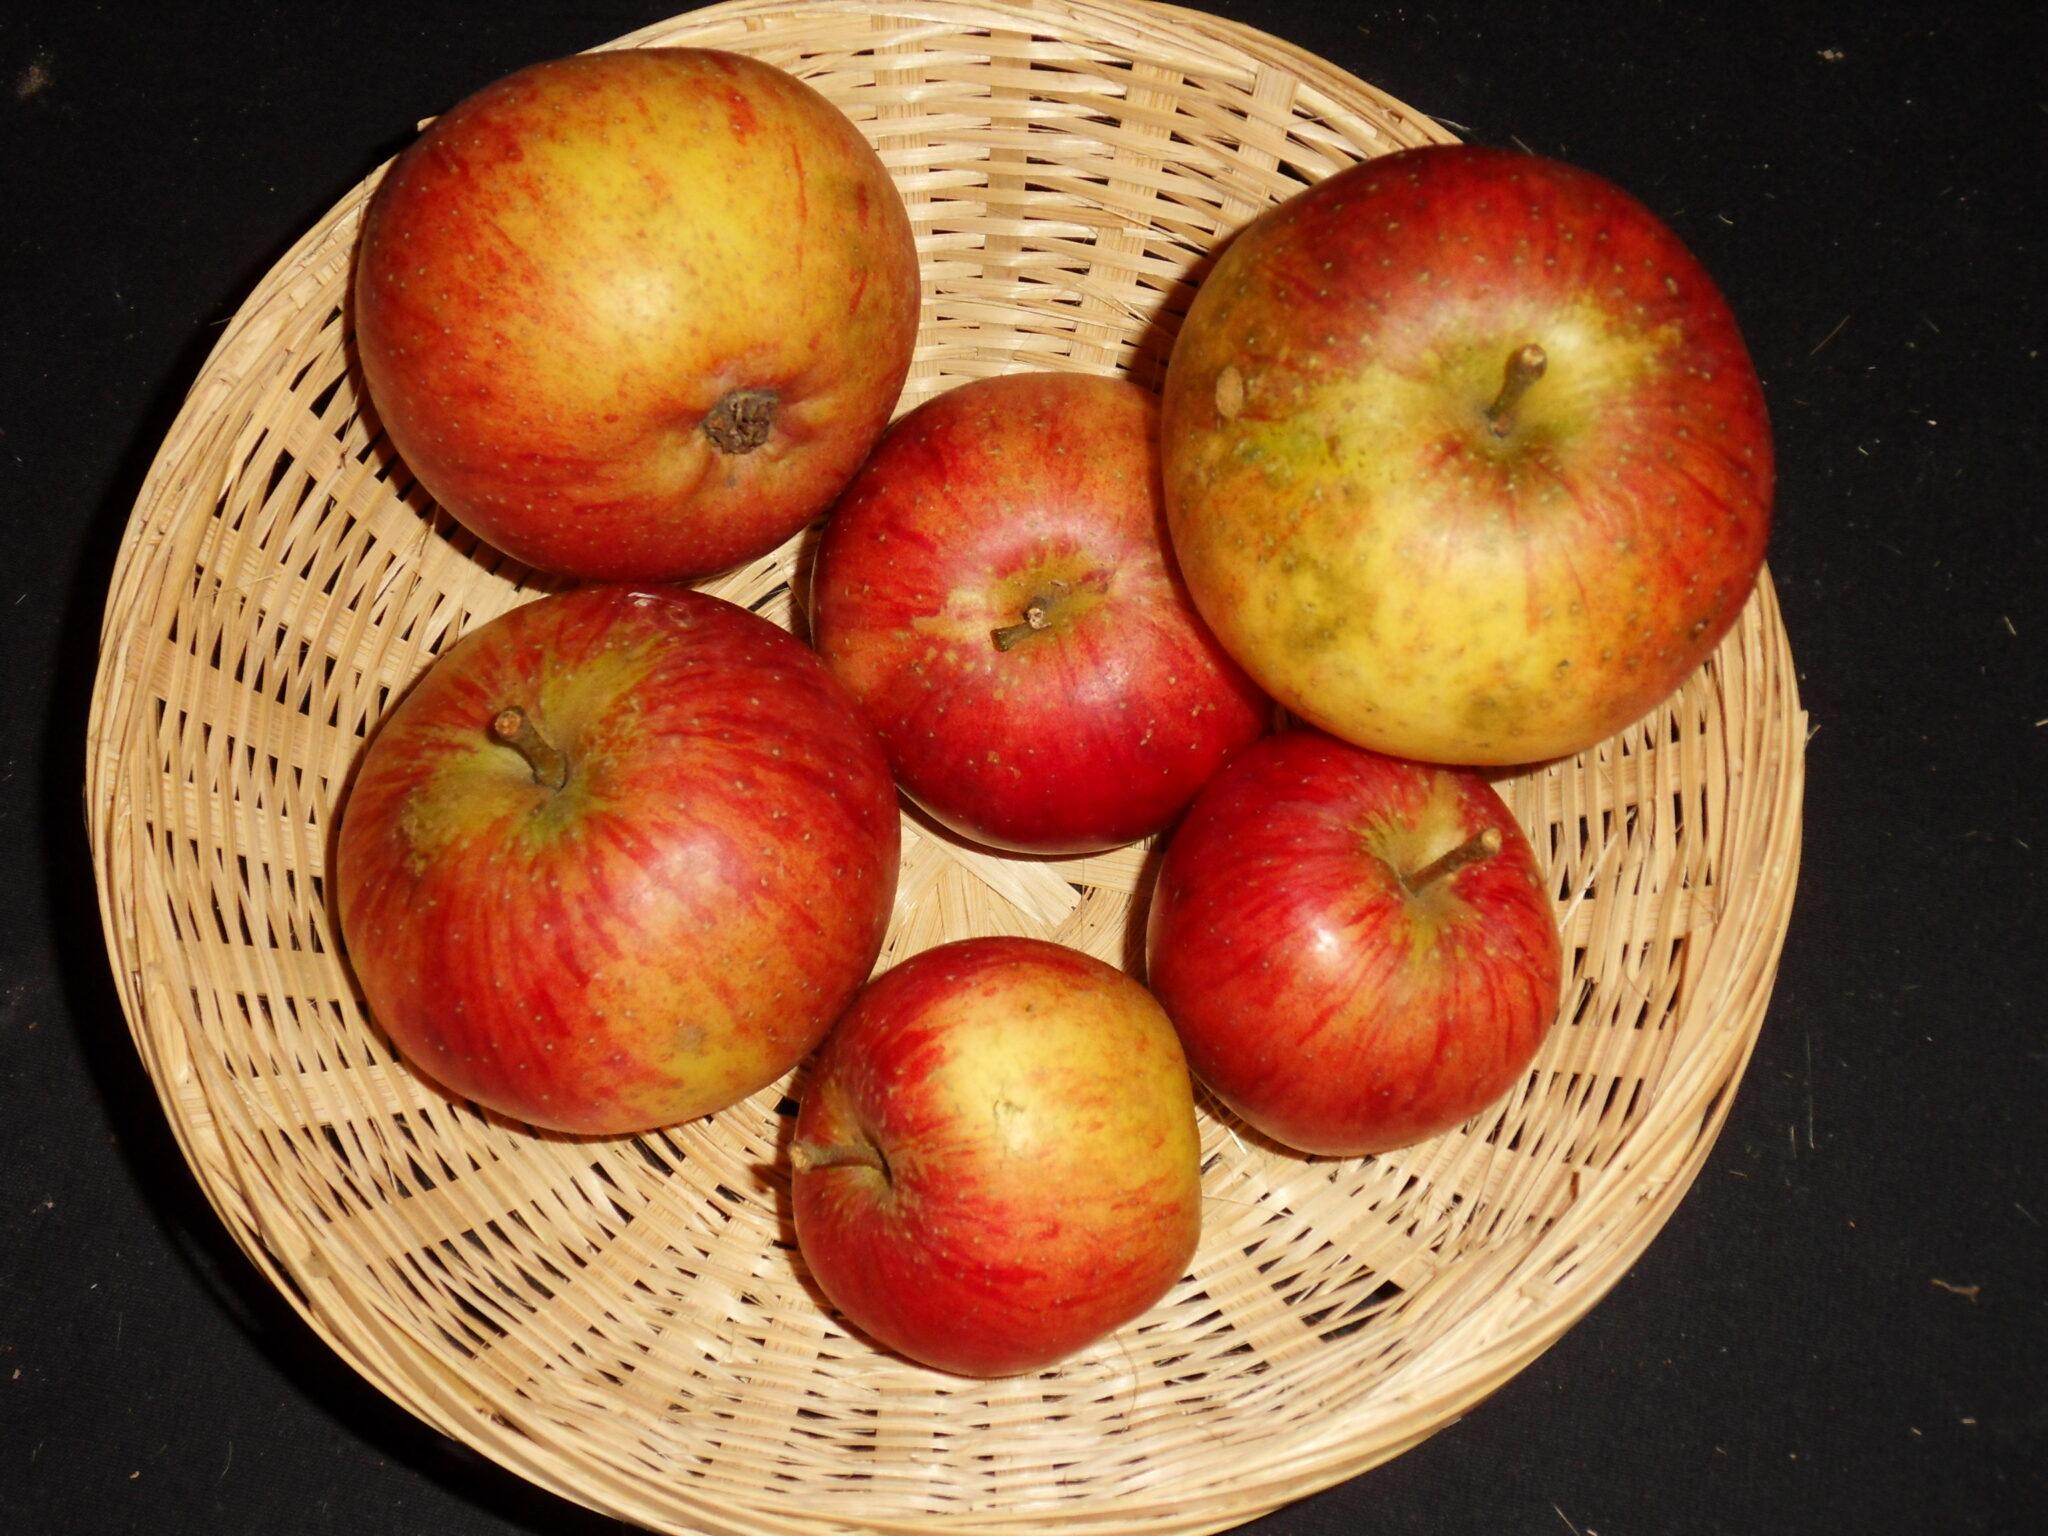 Bénédictin tardif (fruit).